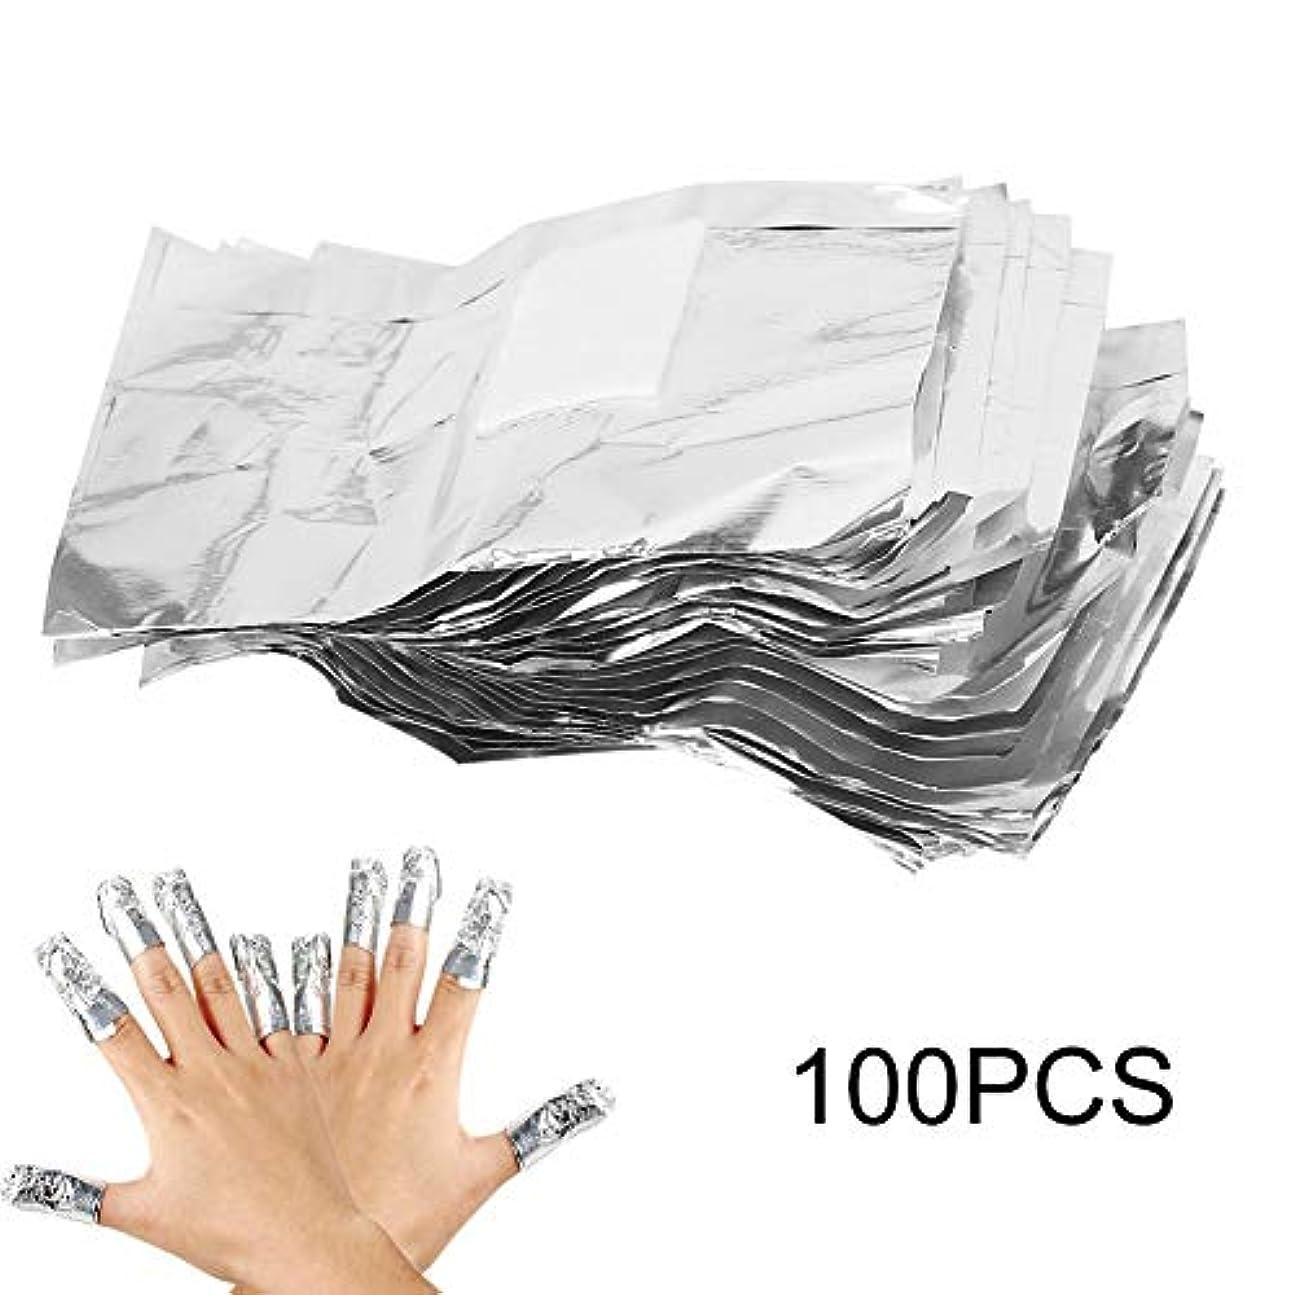 世界的にベーコンウェイドネイルポリッシュリムーバークリップ マニキュアの除去剤 錫ホイル 100Pcs オレンジ 色棒付き紫外線ゲルの除去剤の綿パッドを包みます